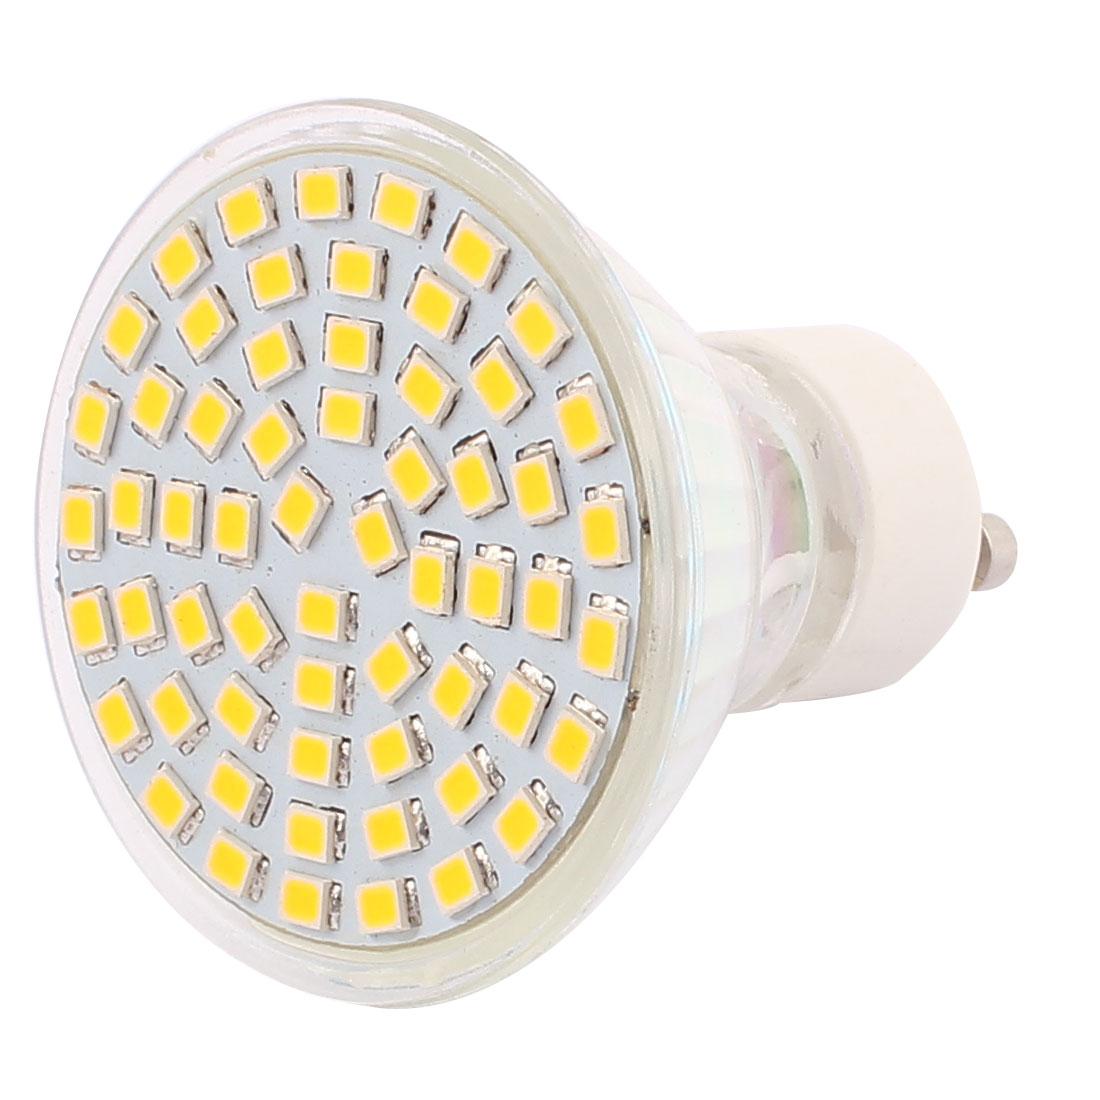 220V-240V GU10 LED Light 6W 2835 SMD 60 LEDs Spotlight Down Lamp Bulb Lighting Warm White